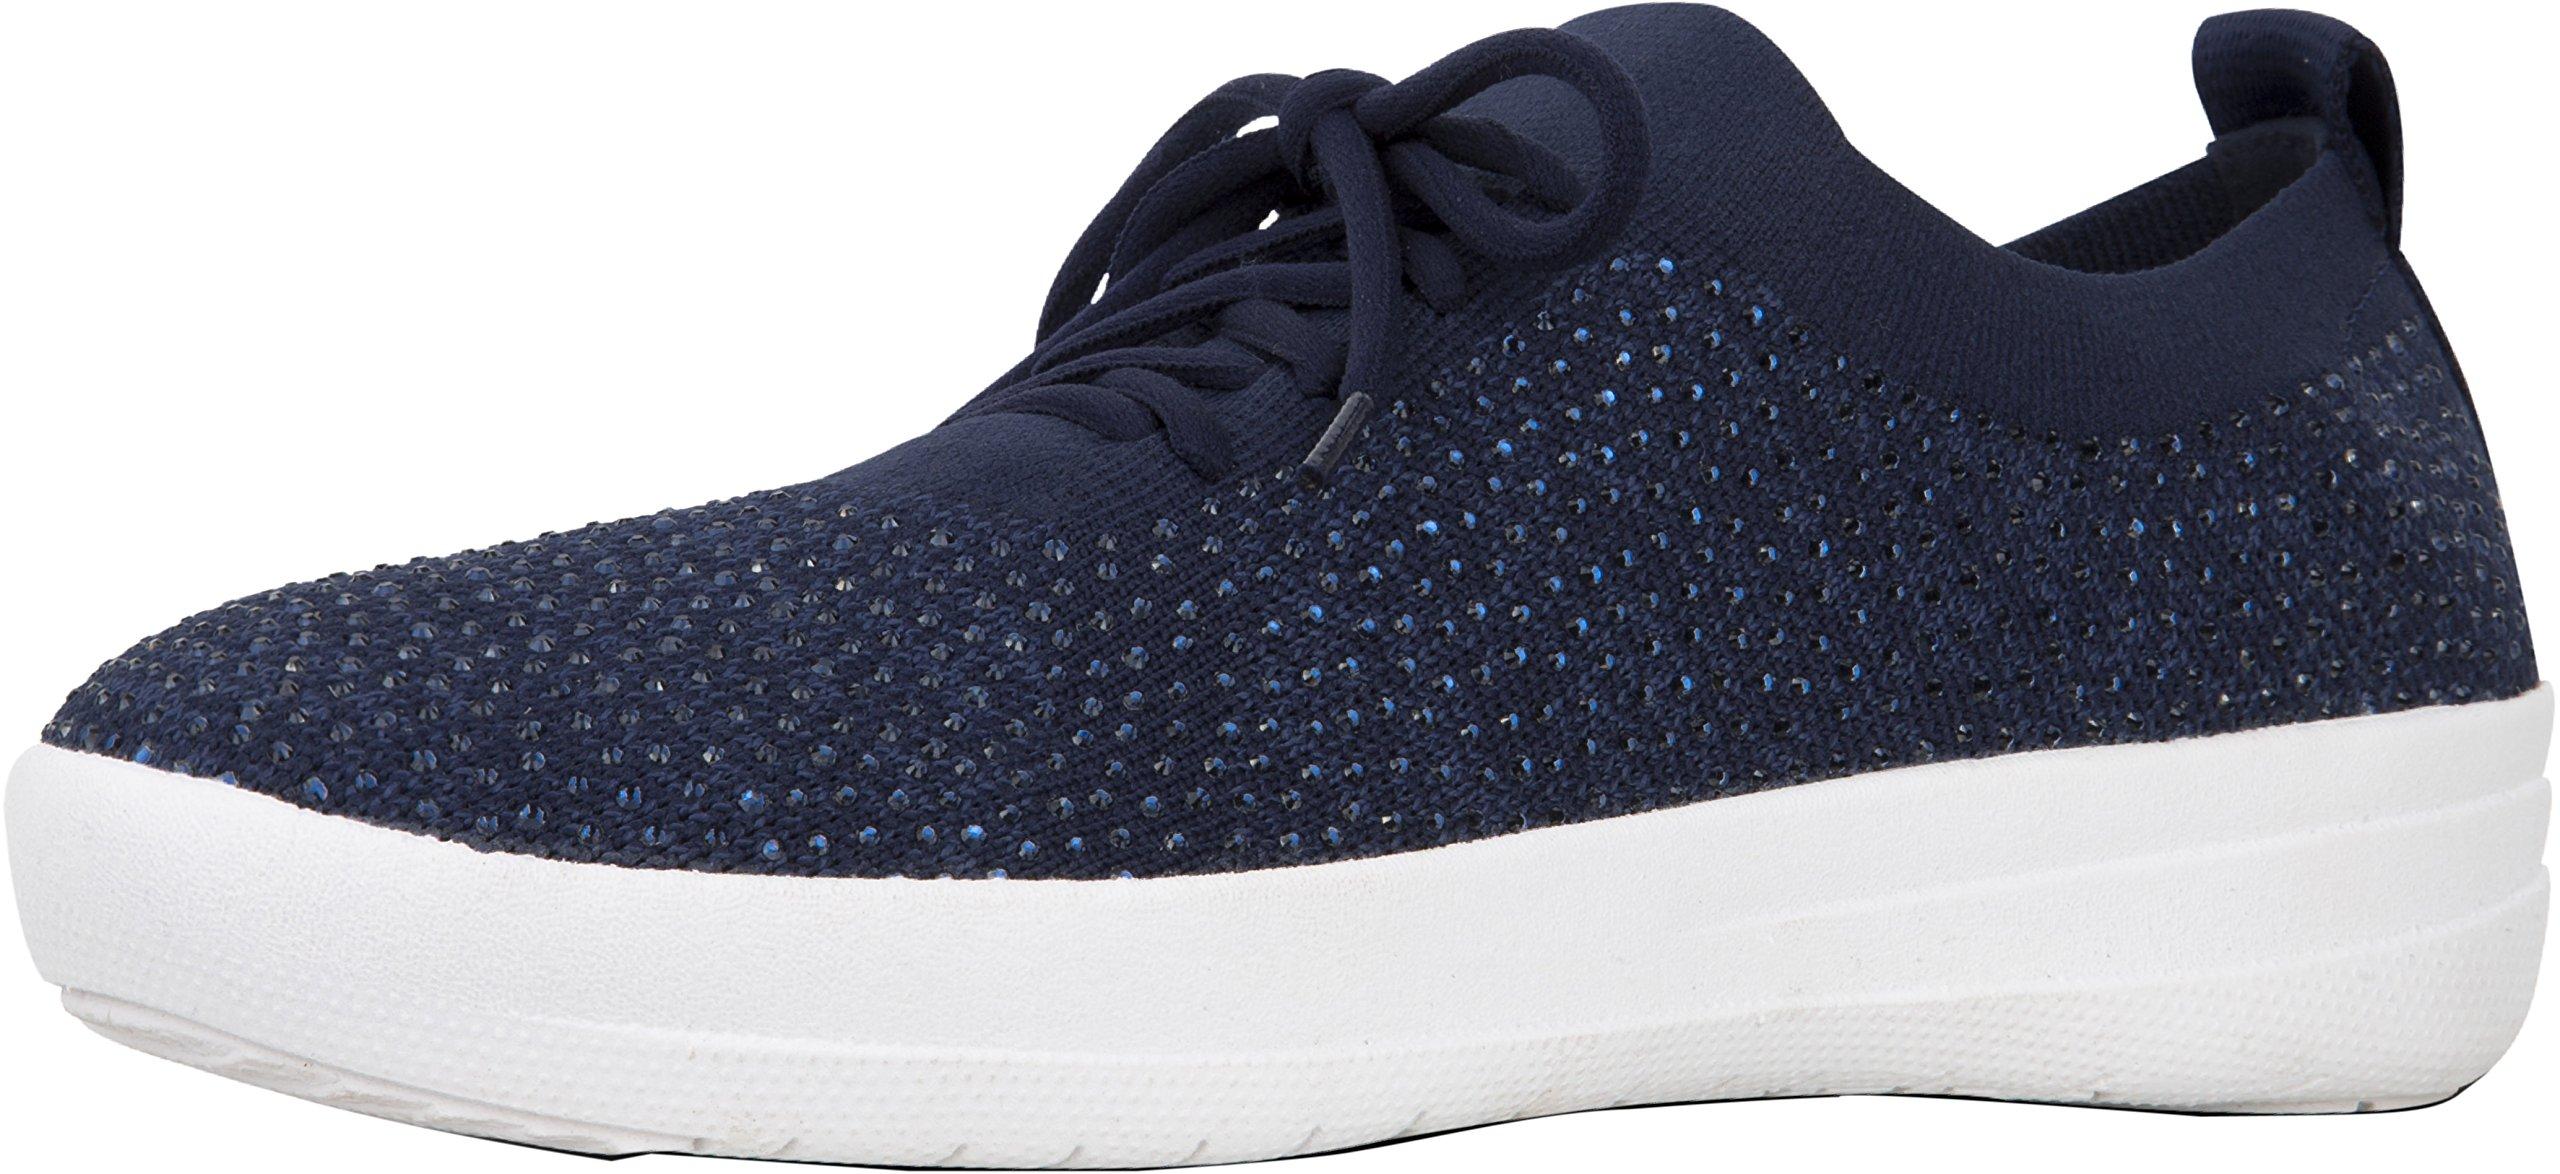 FitFlop Women's F-Sporty Uberknit Sneakers Midnight Navy 7 M US